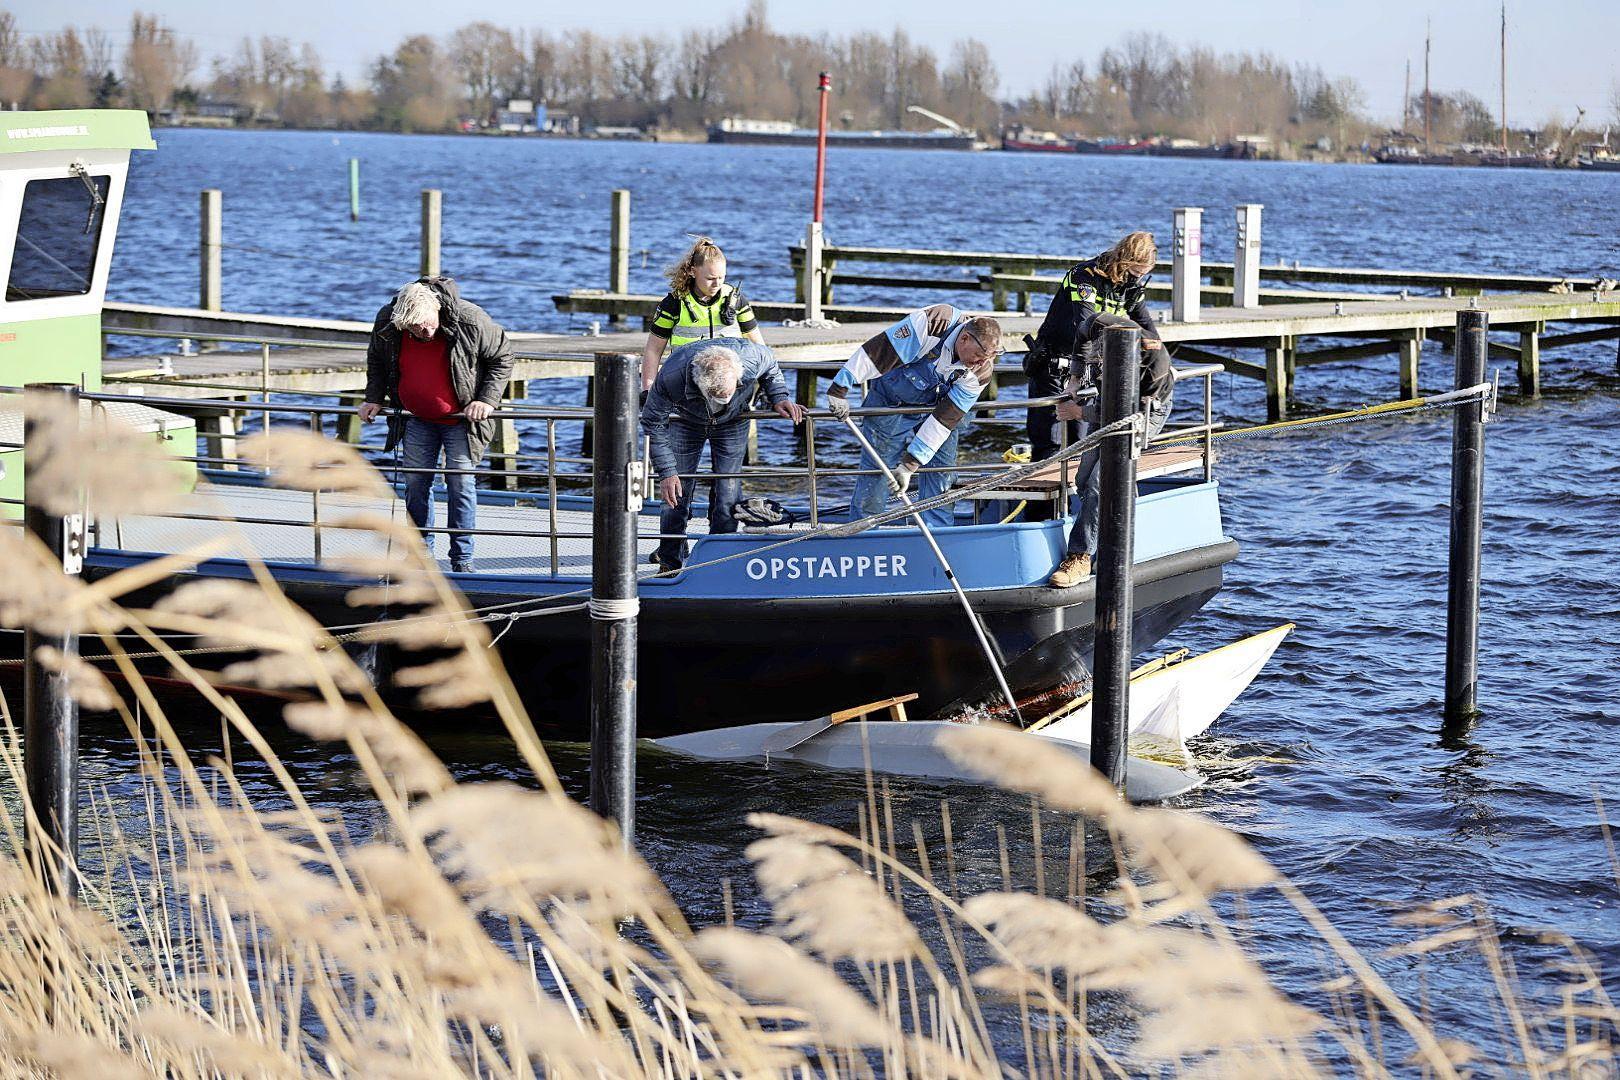 Omgeslagen boot aangetroffen in Haarlem; hulpdiensten starten zoekactie